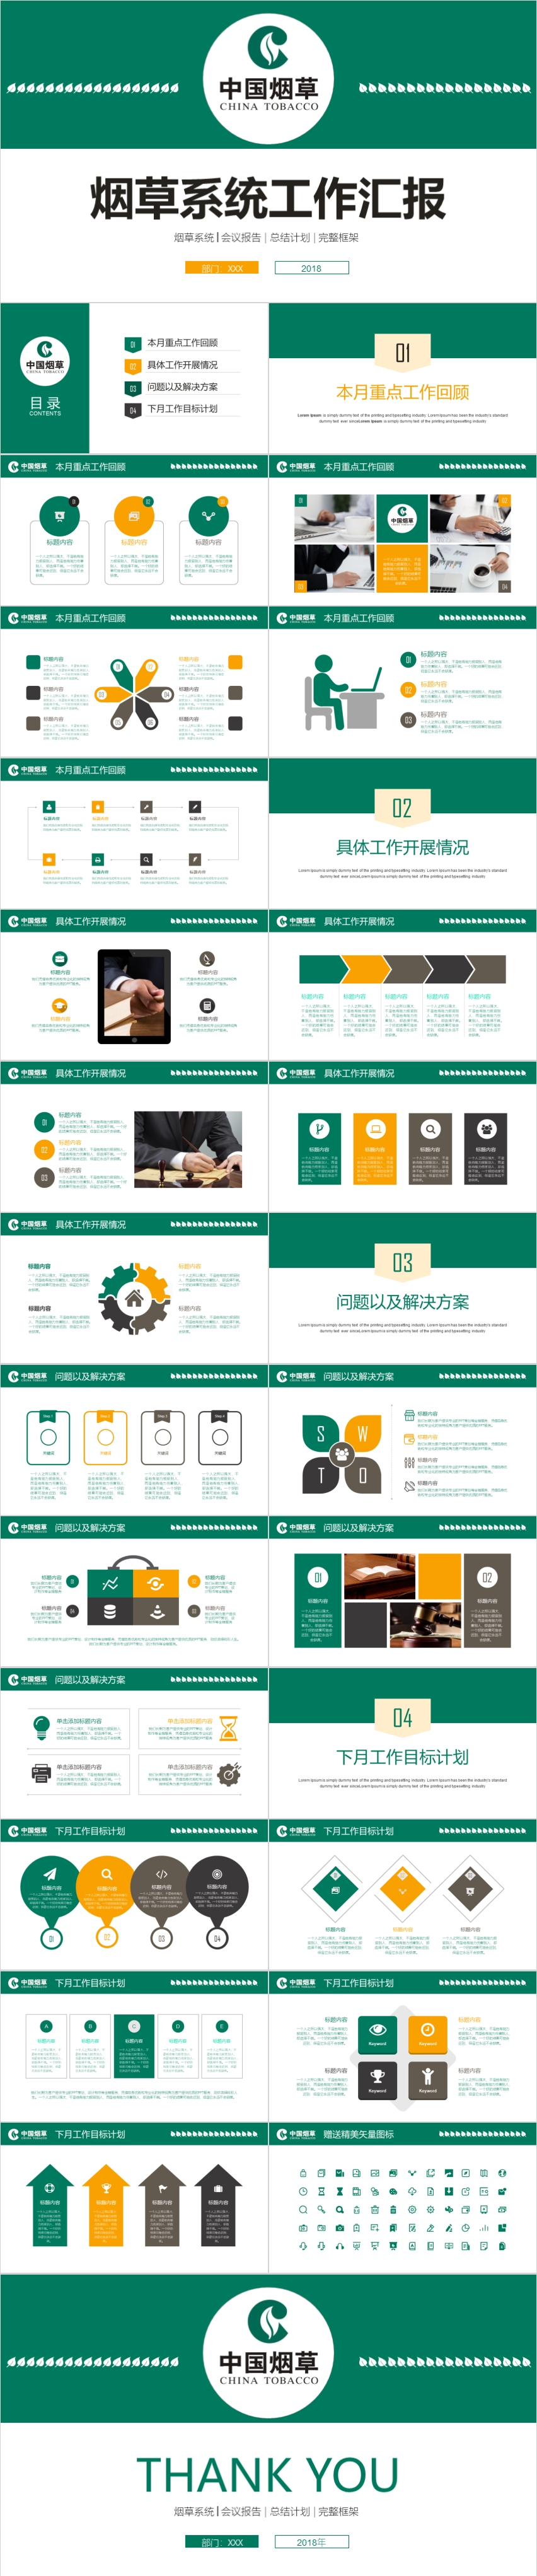 烟草行业深绿、桔黄色简约工作总结计划型PPT模板